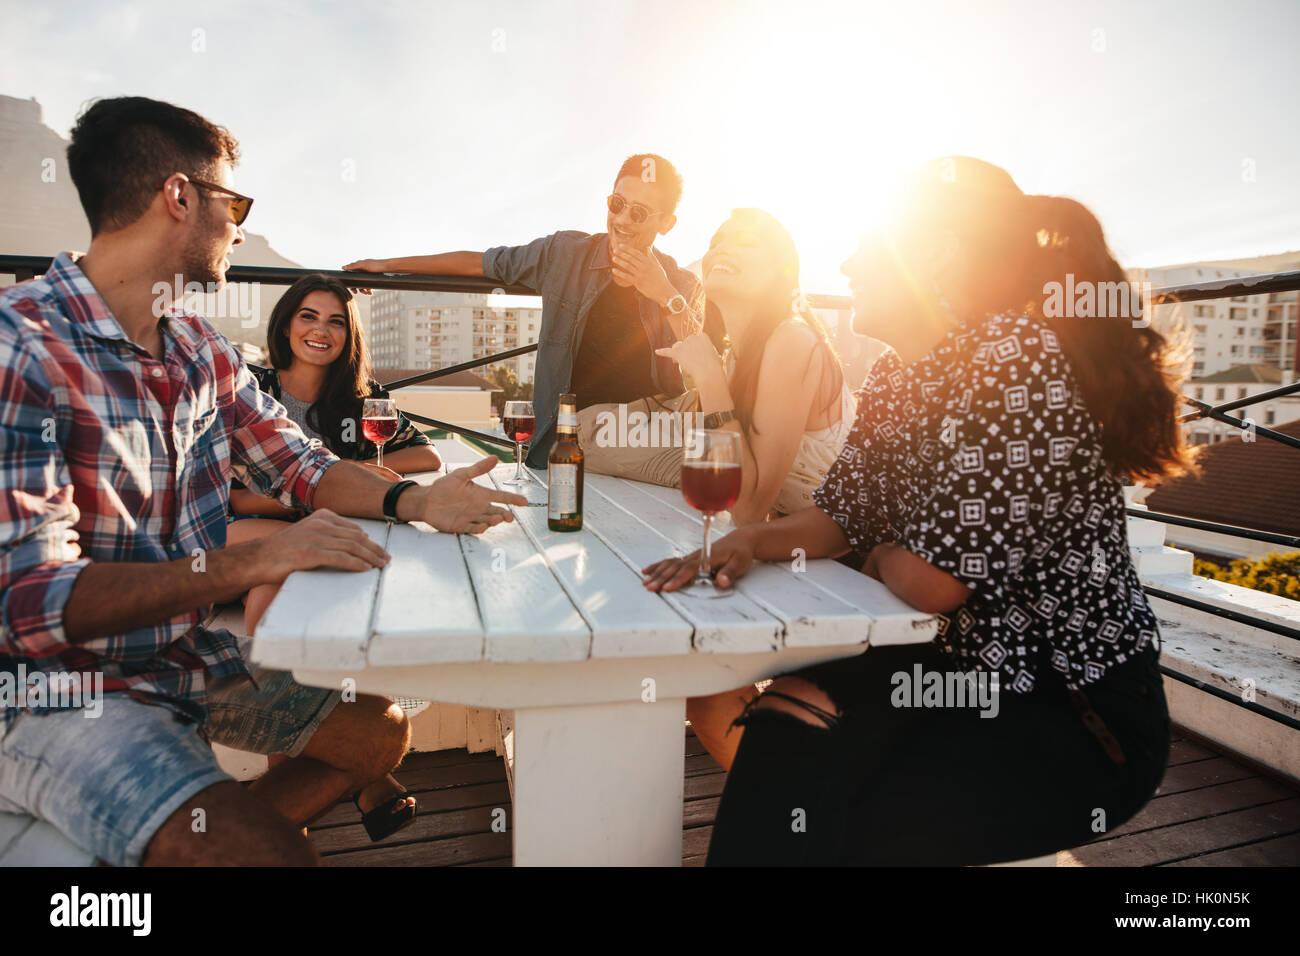 Gruppe von jungen Leuten an einem Tisch mit Getränken. Junge Männer und Frauen, die auf dem Dach Abend Stockbild